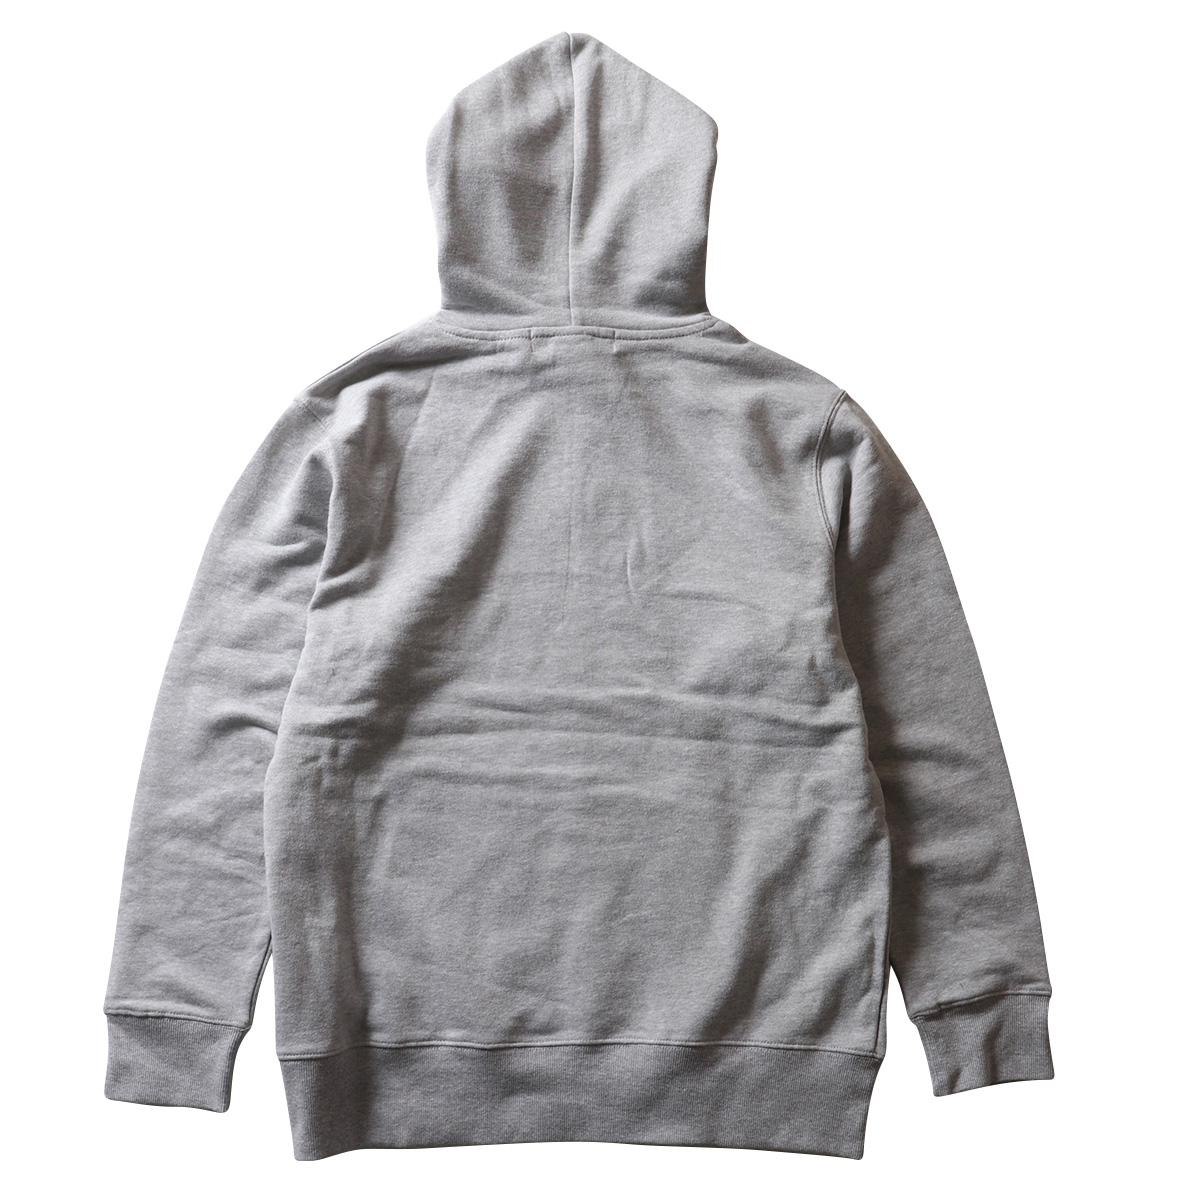 パーカー メンズ スウェット SIGN STATE  サインステイト ウミネコ刺繍 スタンダードスウェット 裏毛プルパーカー